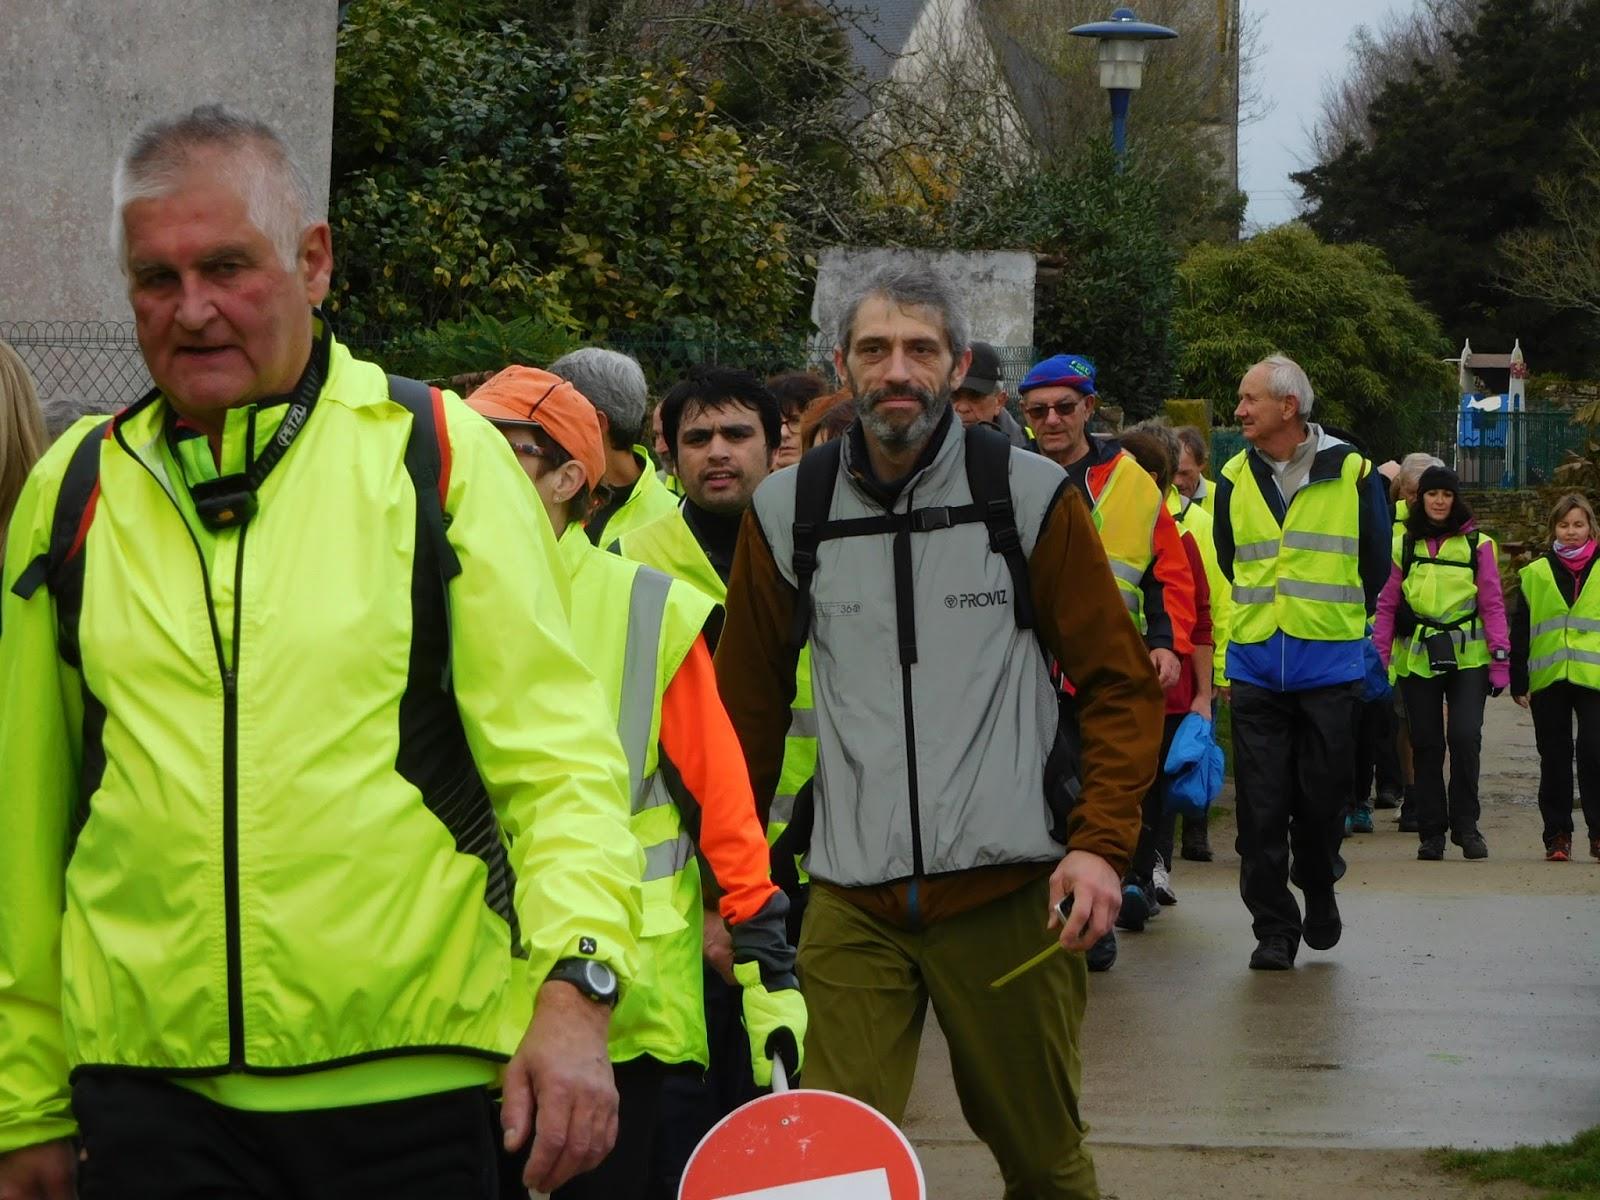 Marcheurs des quatre saisons rosporden m4sr 25 km du for Zora dujardin